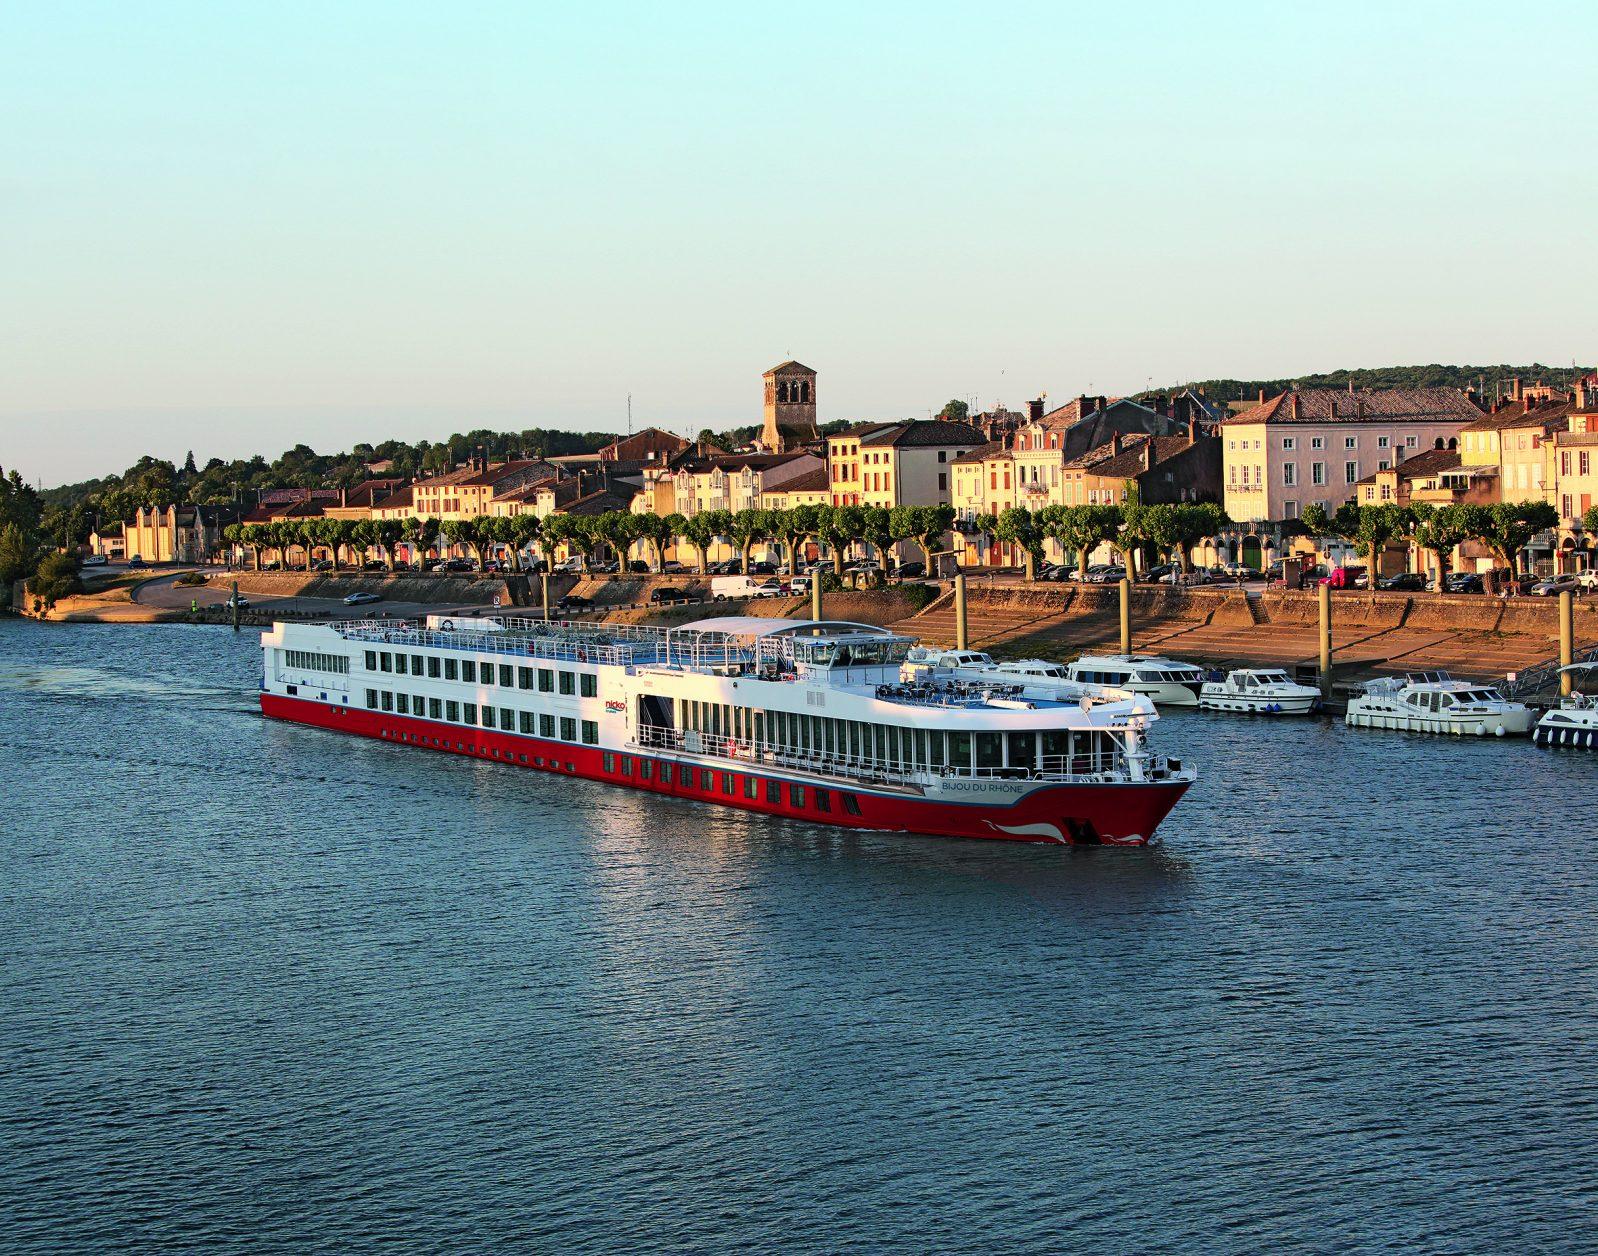 Beste Aussichten auf die herrlichen Landschaften Frankreichs erleben nicko cruises Gäste auf MS BIJOU DU RHÔNE Foto: nicko cruises